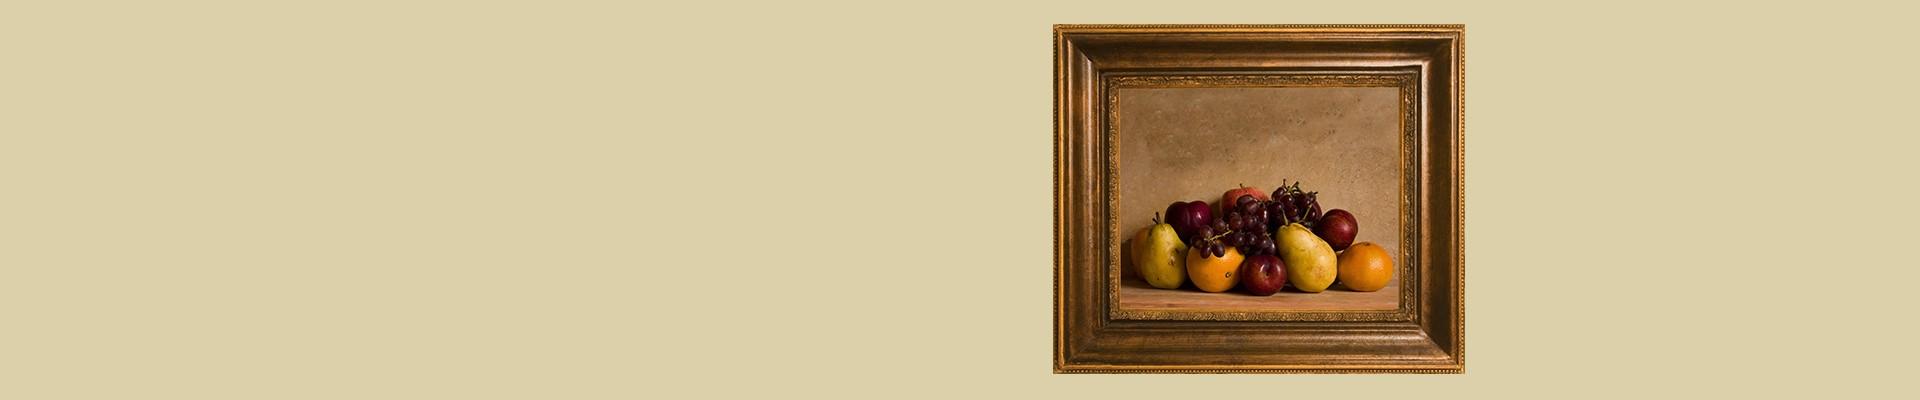 Jual Lukisan Dinding Online - Harga Murah